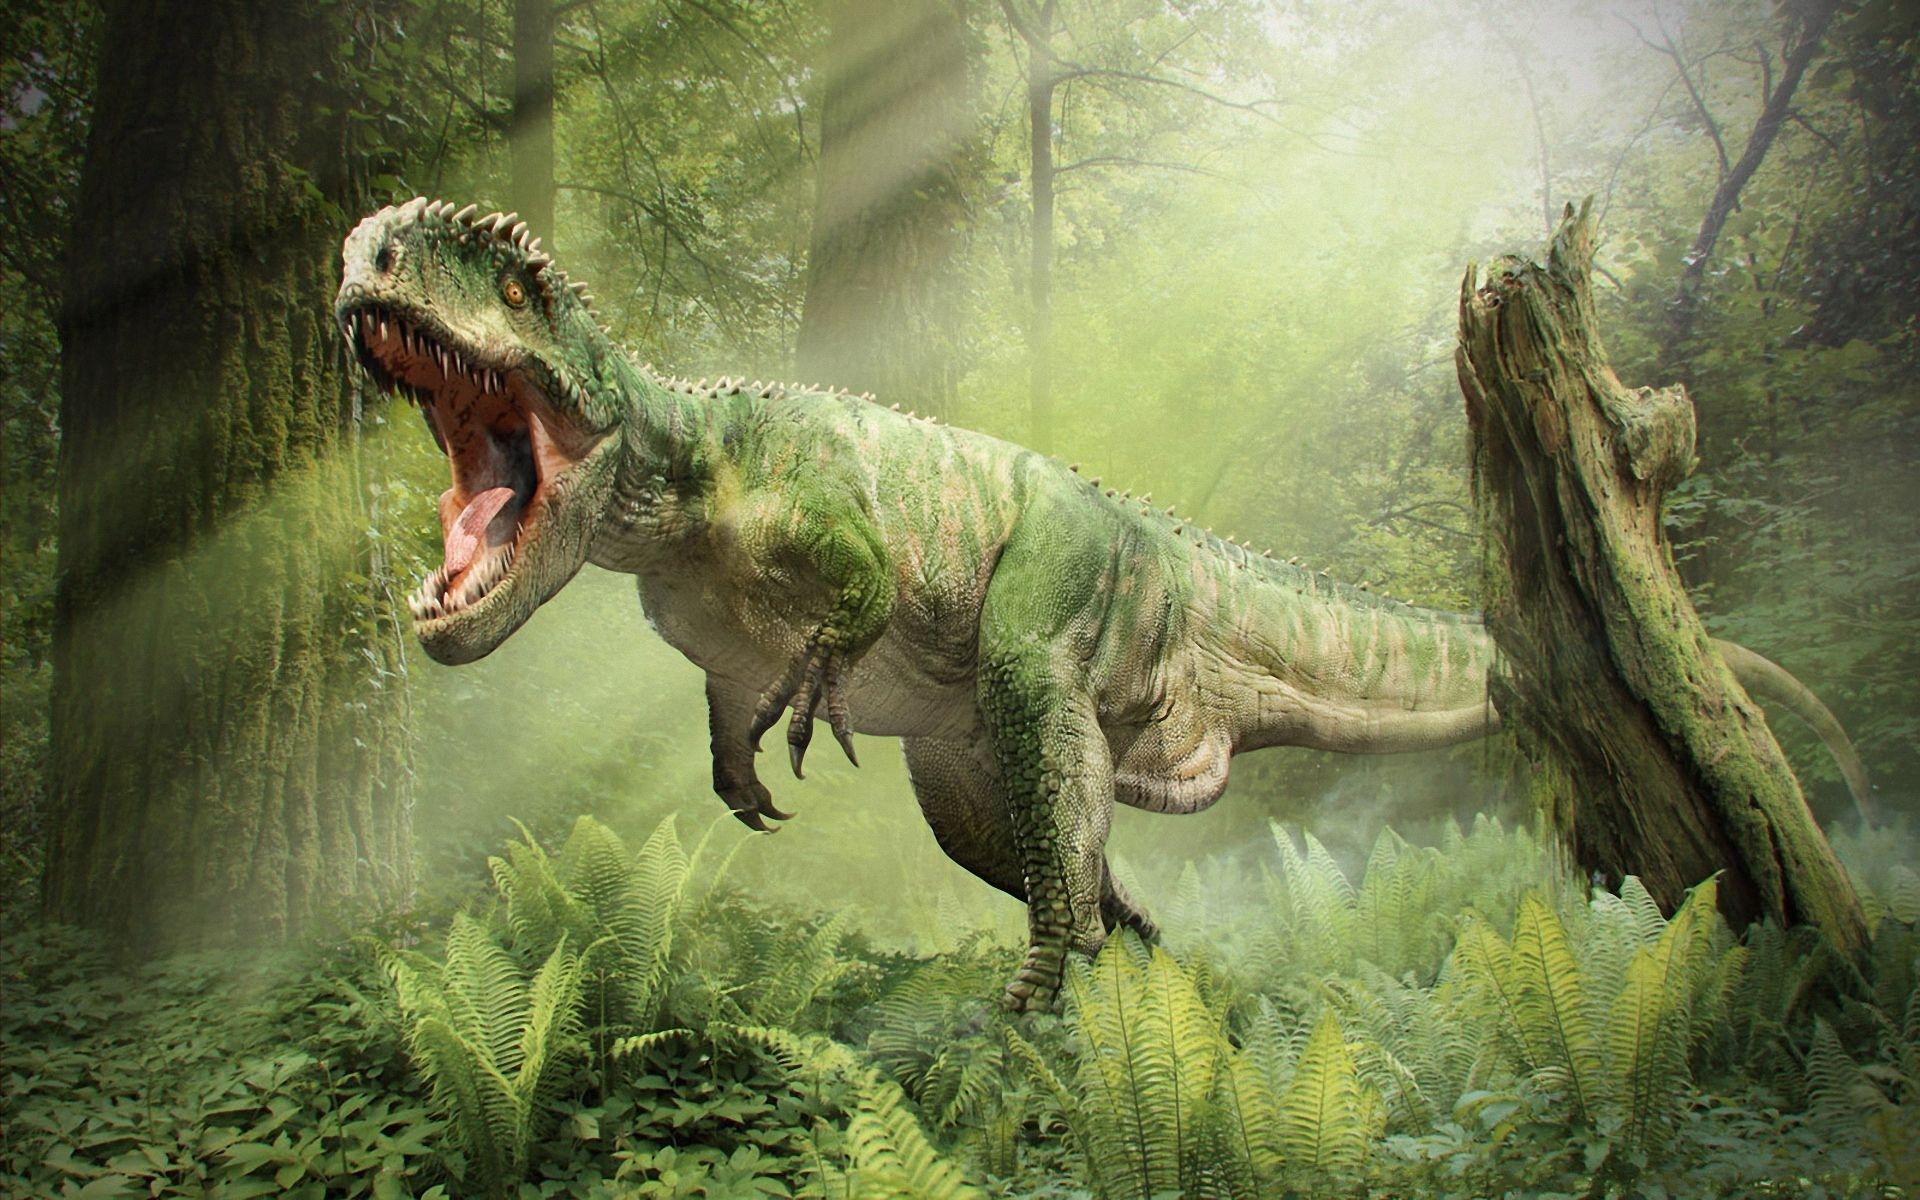 Dinosaurs Dinosaur  1184787jpgdinosaur201920x1200 1920x1200